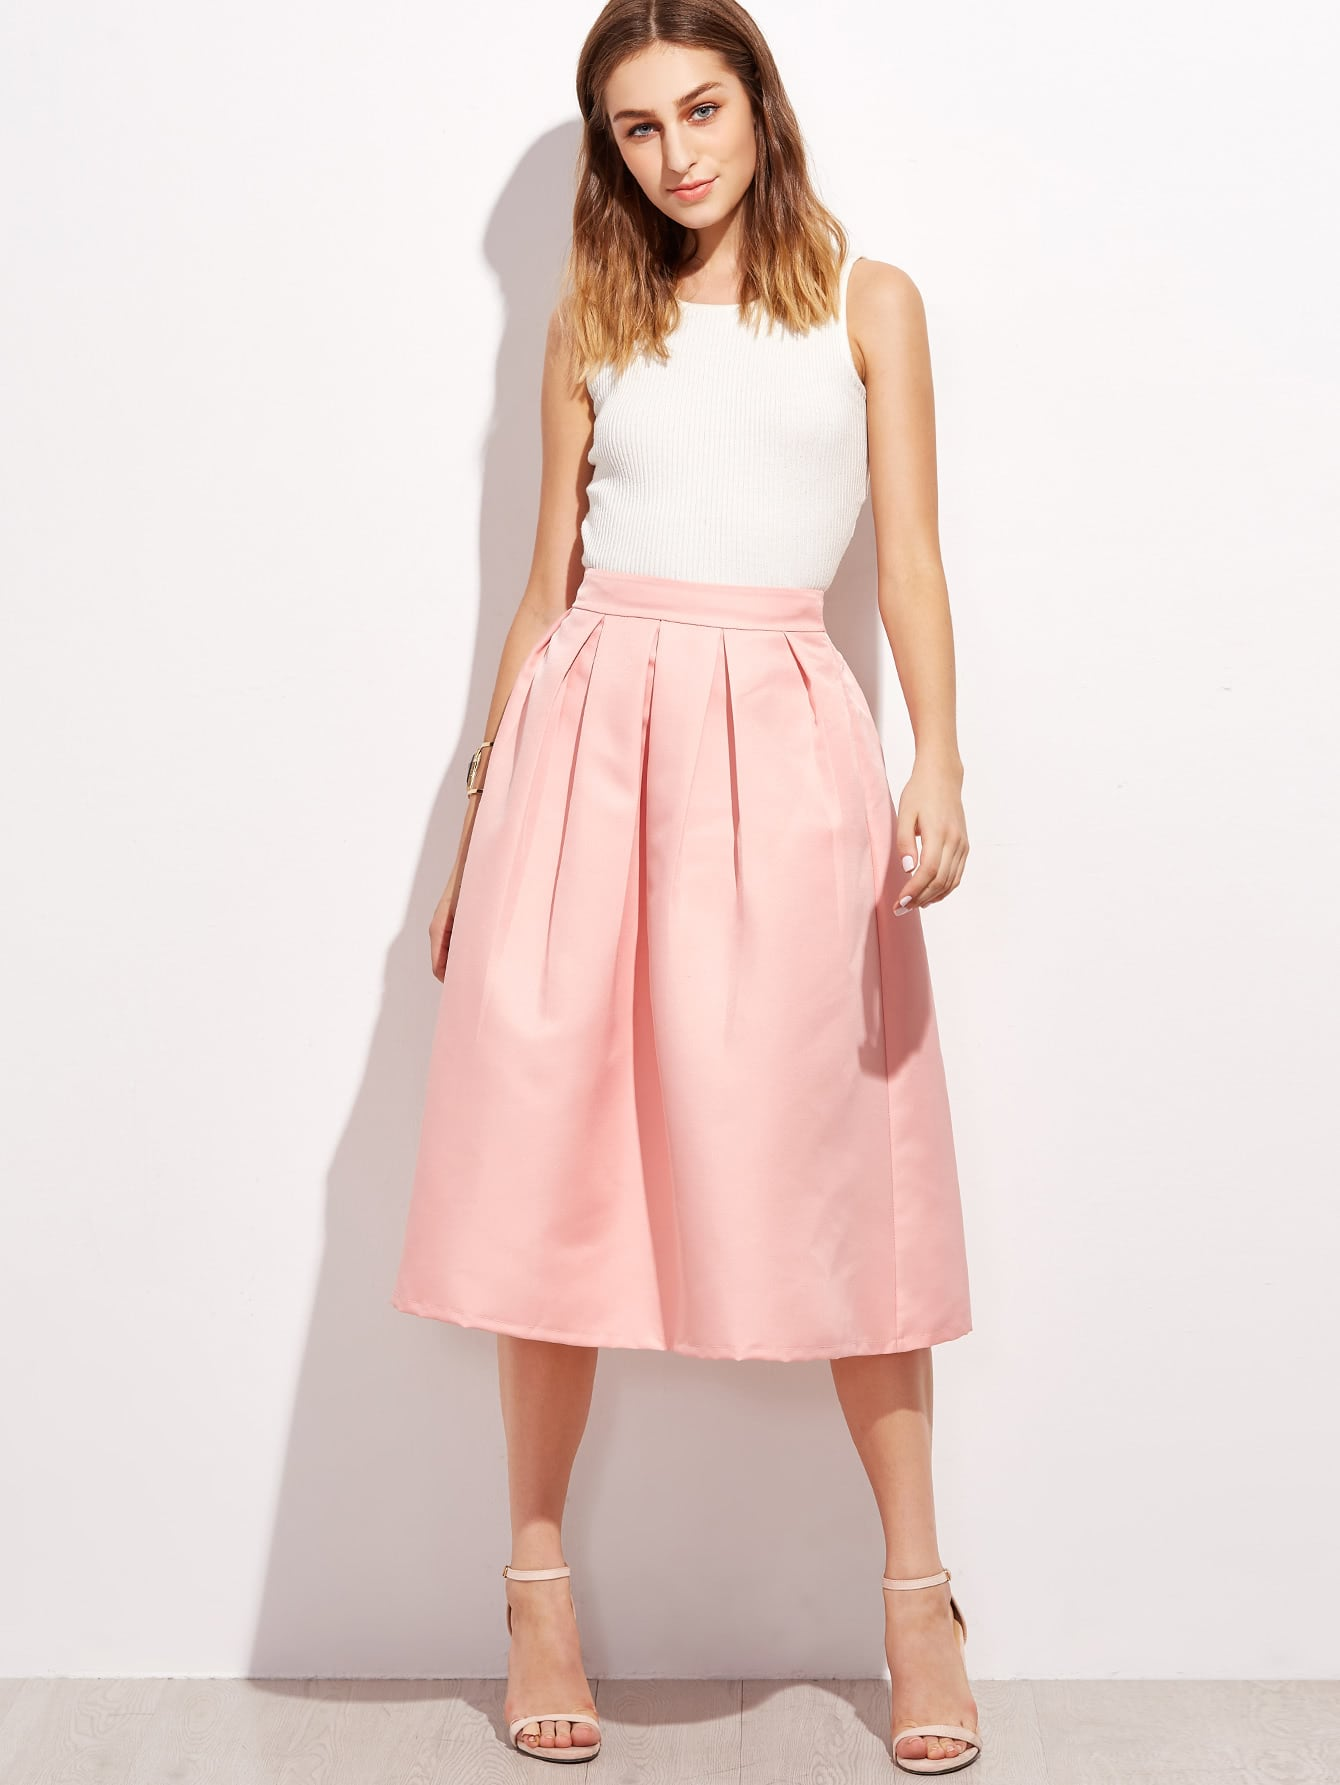 skirt161018131_2